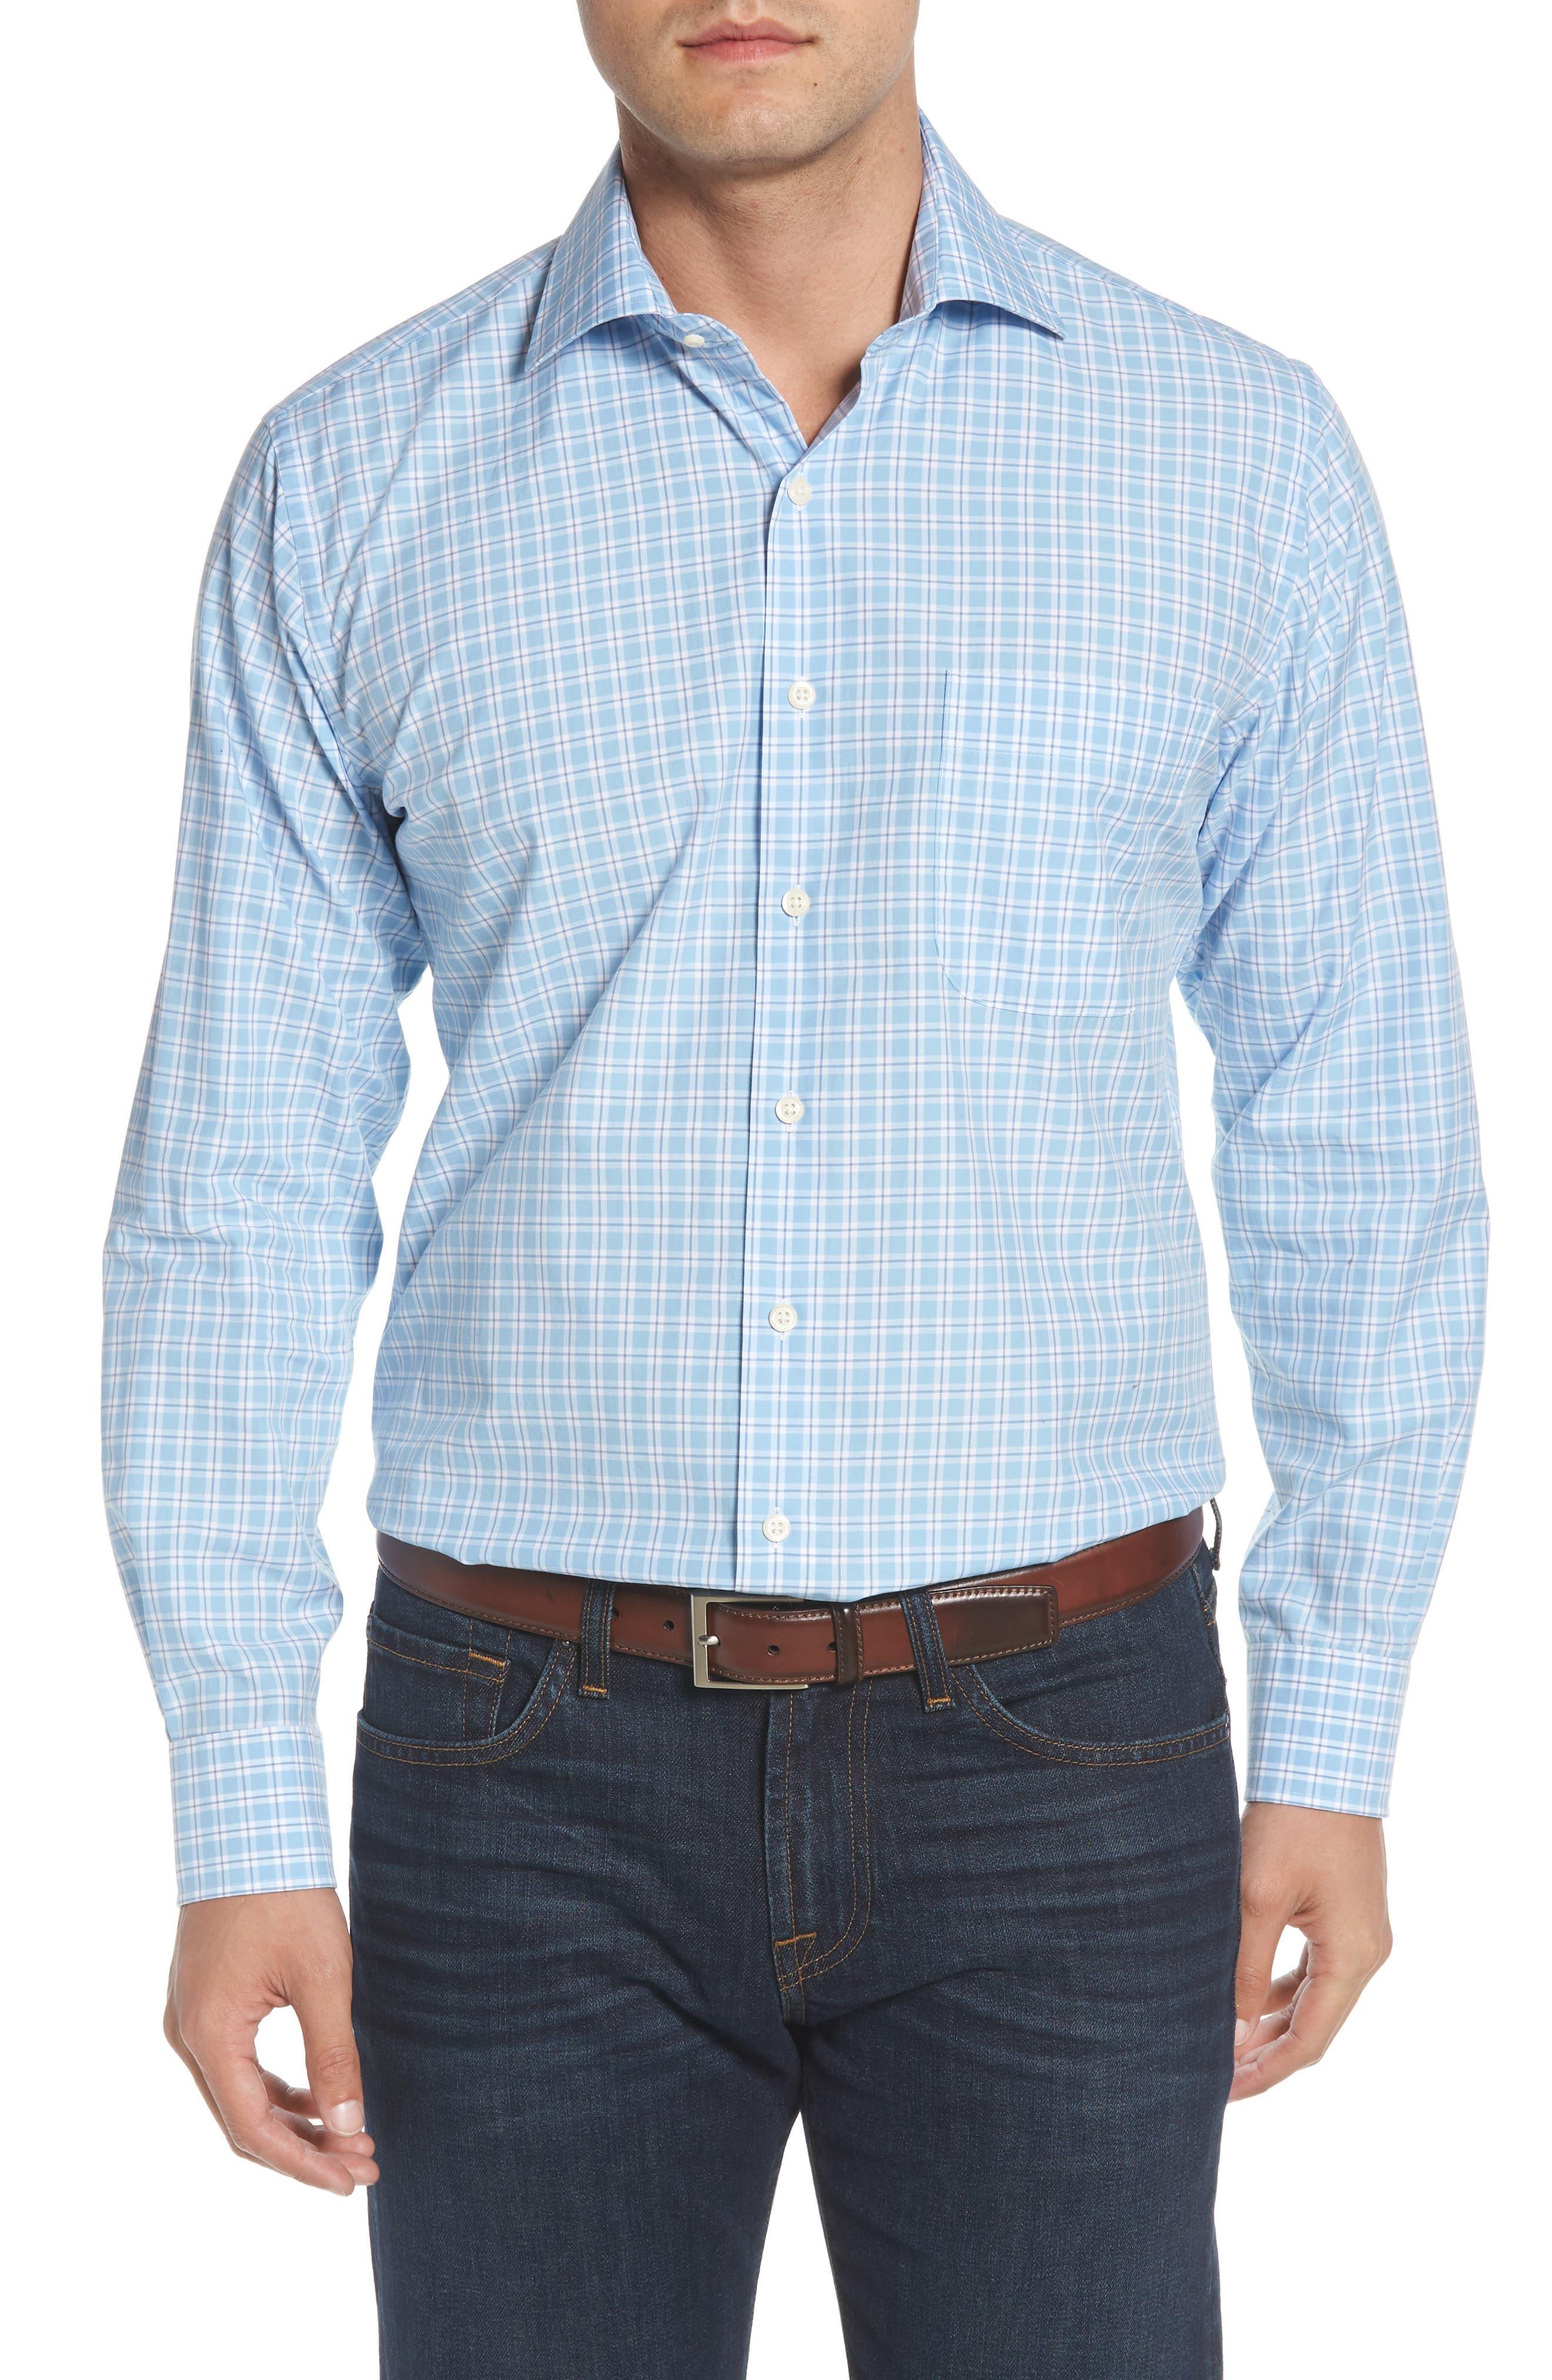 Ballard Regular Fit Check Sport Shirt,                         Main,                         color, 400